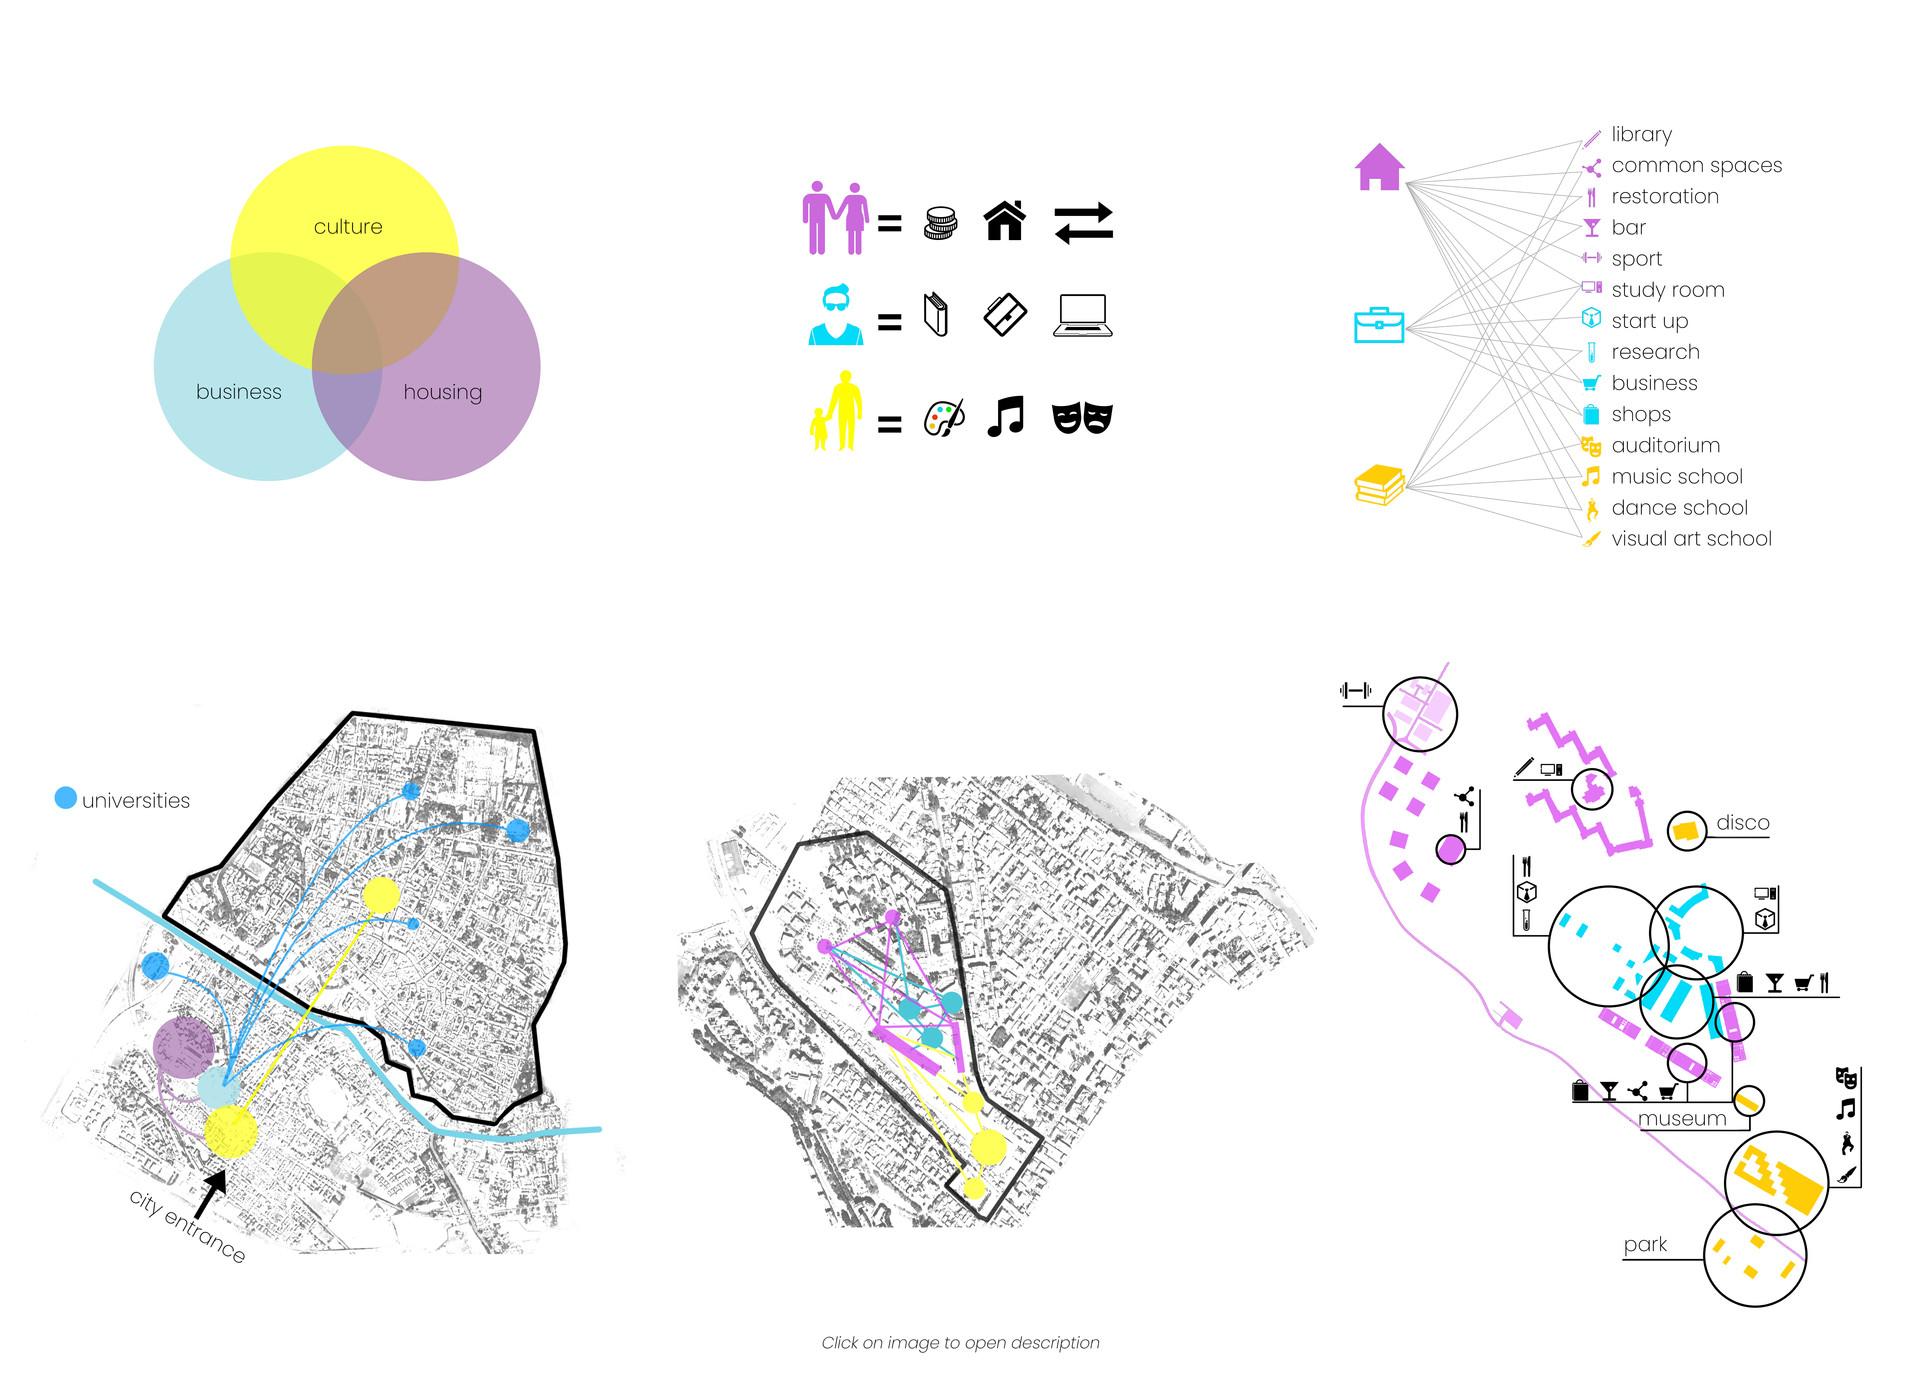 Foro Boario Urban requalification project